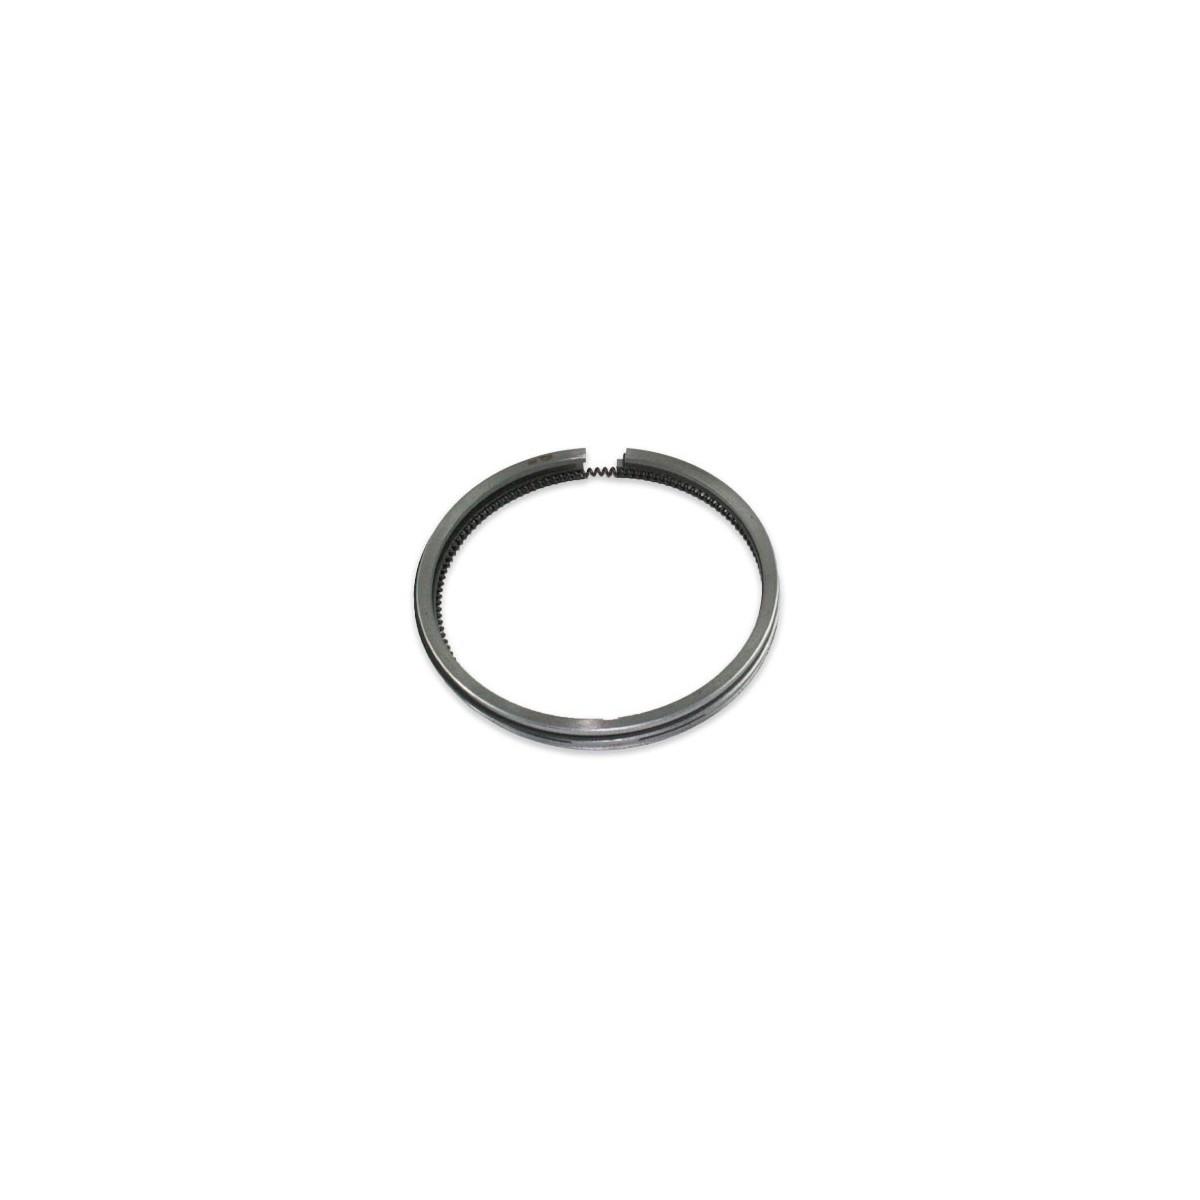 Zestaw pierścieni do tłoka Kubota B1702 75mm